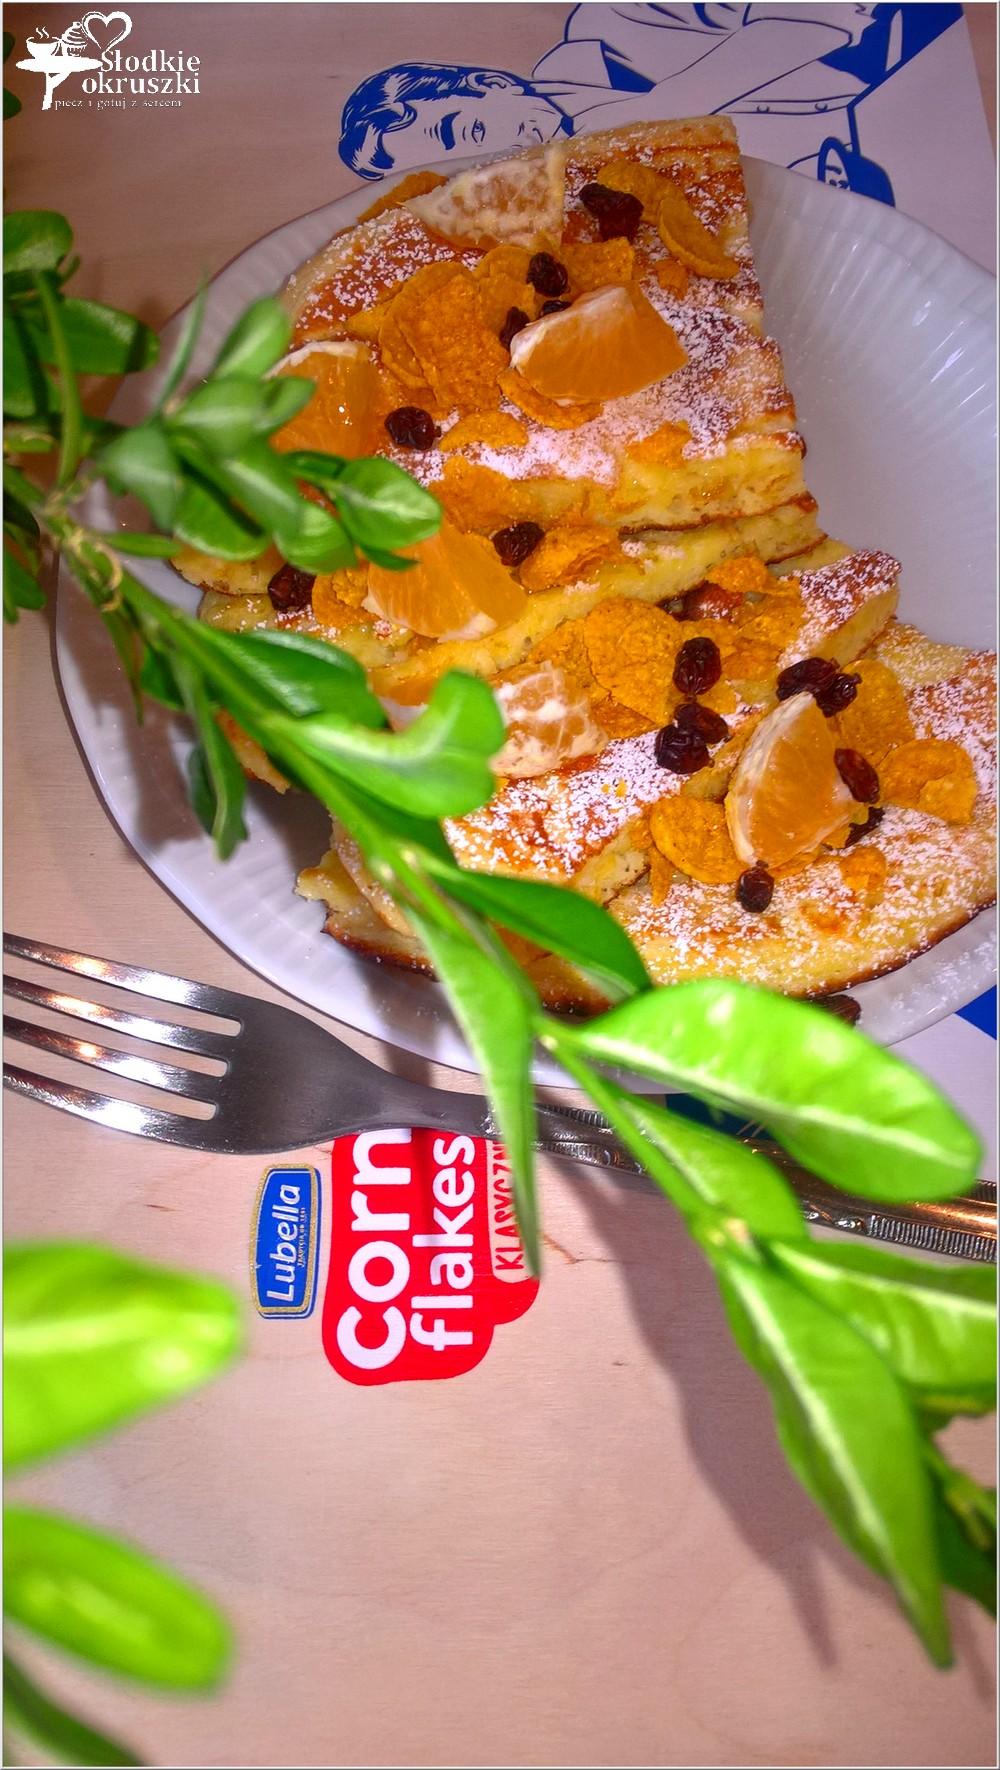 pyszny-i-chrupiacy-omlet-sniadaniowy-sniadanie-z-platkami-lubella